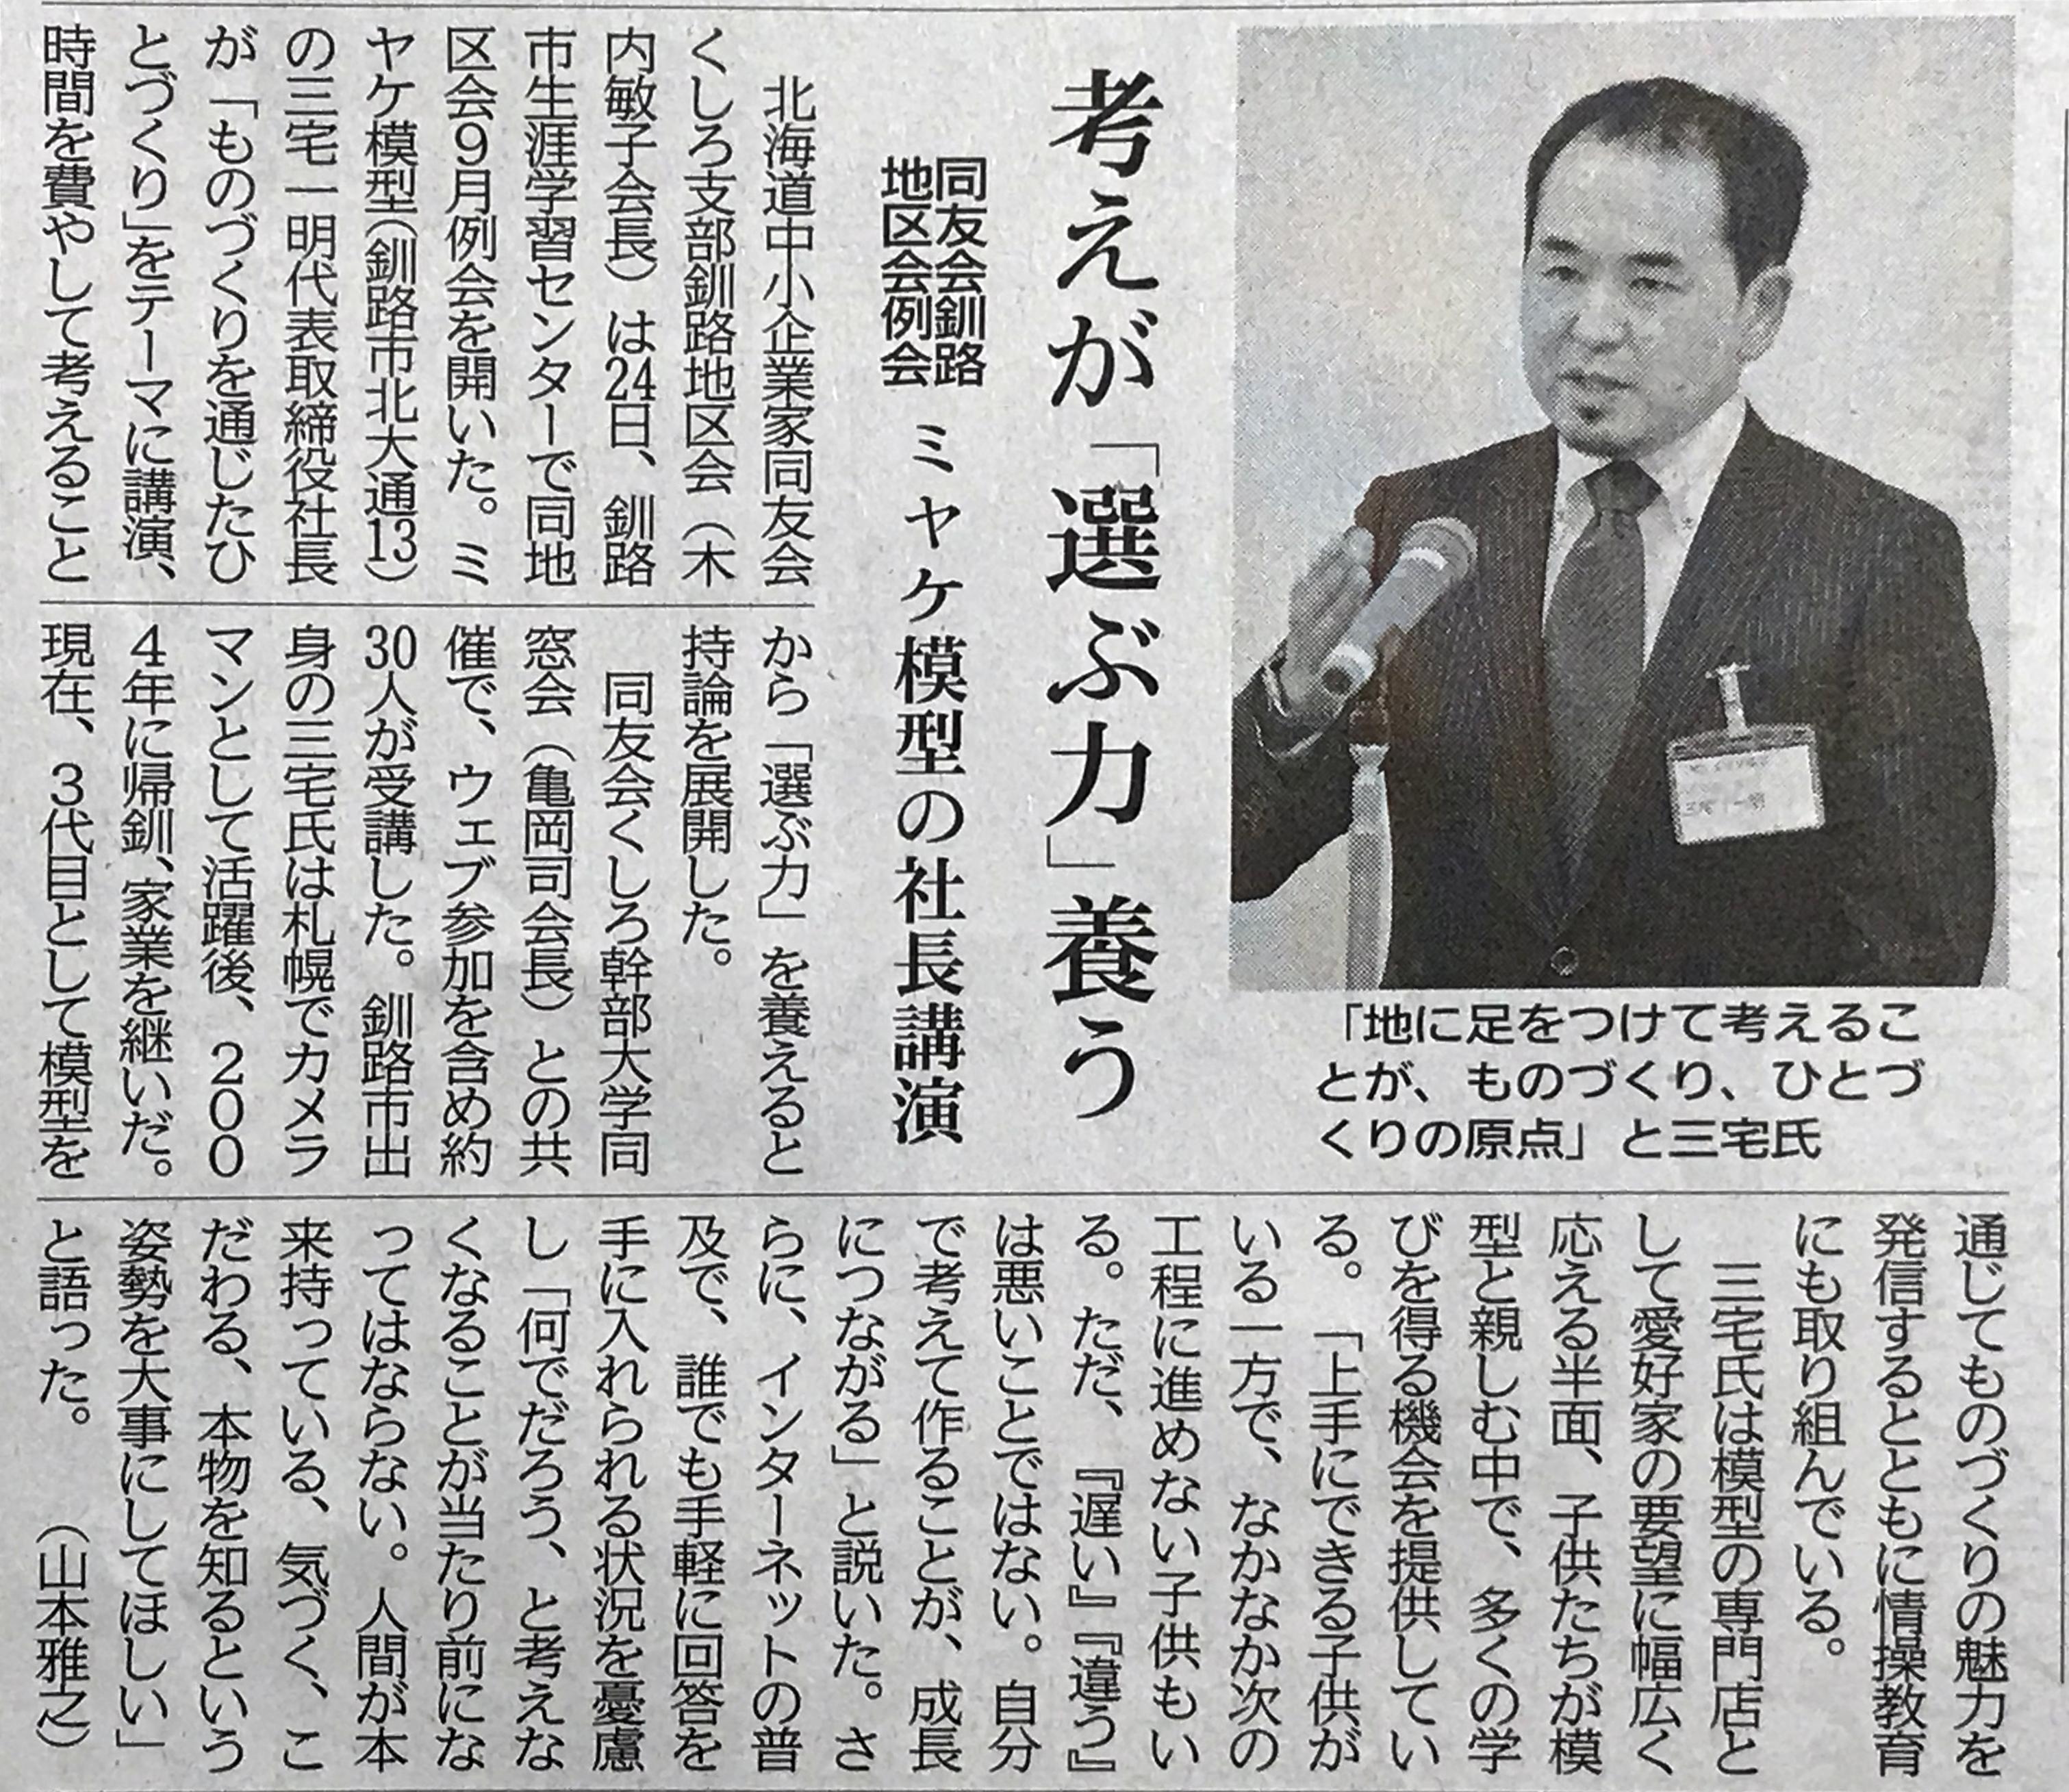 2020-9-28釧路新聞